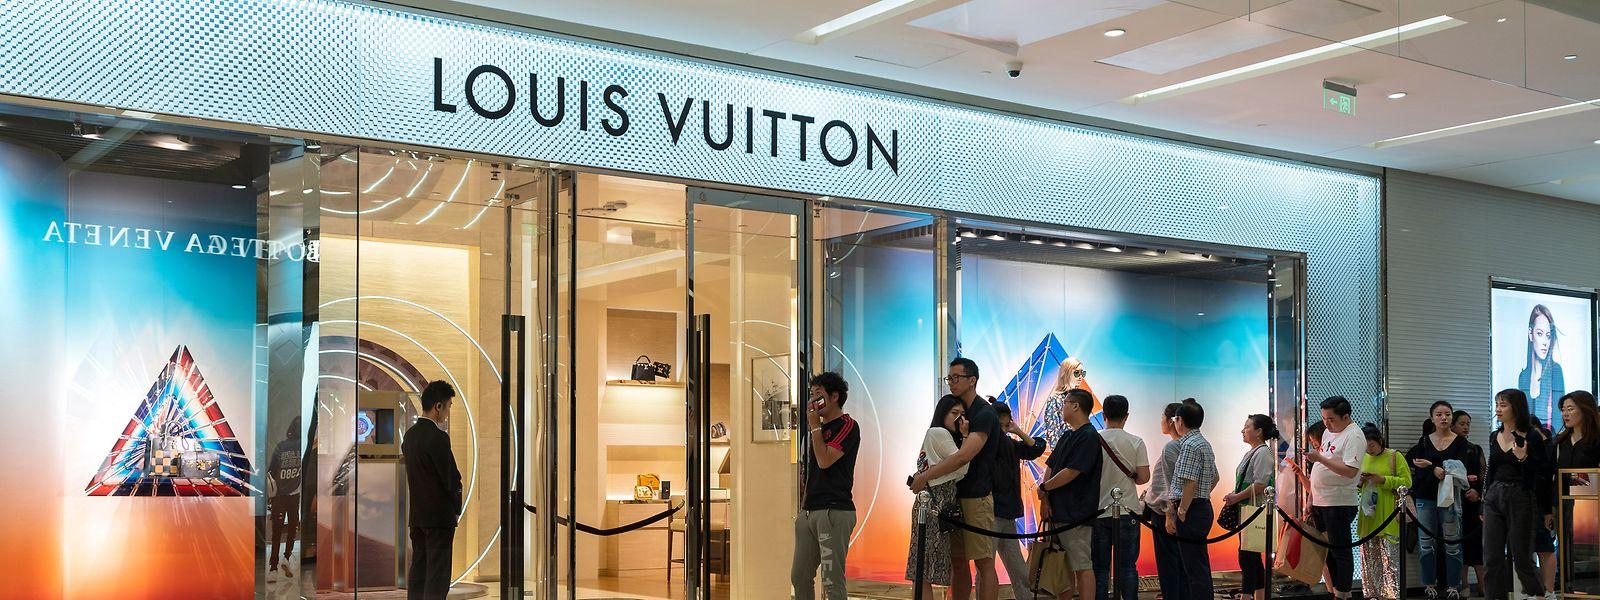 Die Agentur Gusto Luxe ist in Asien führend, wenn es um Luxusmarken geht. Zu den Kunden gehört LVMH, die Fusion aus Louis Vuitton und Moët Hennessy.